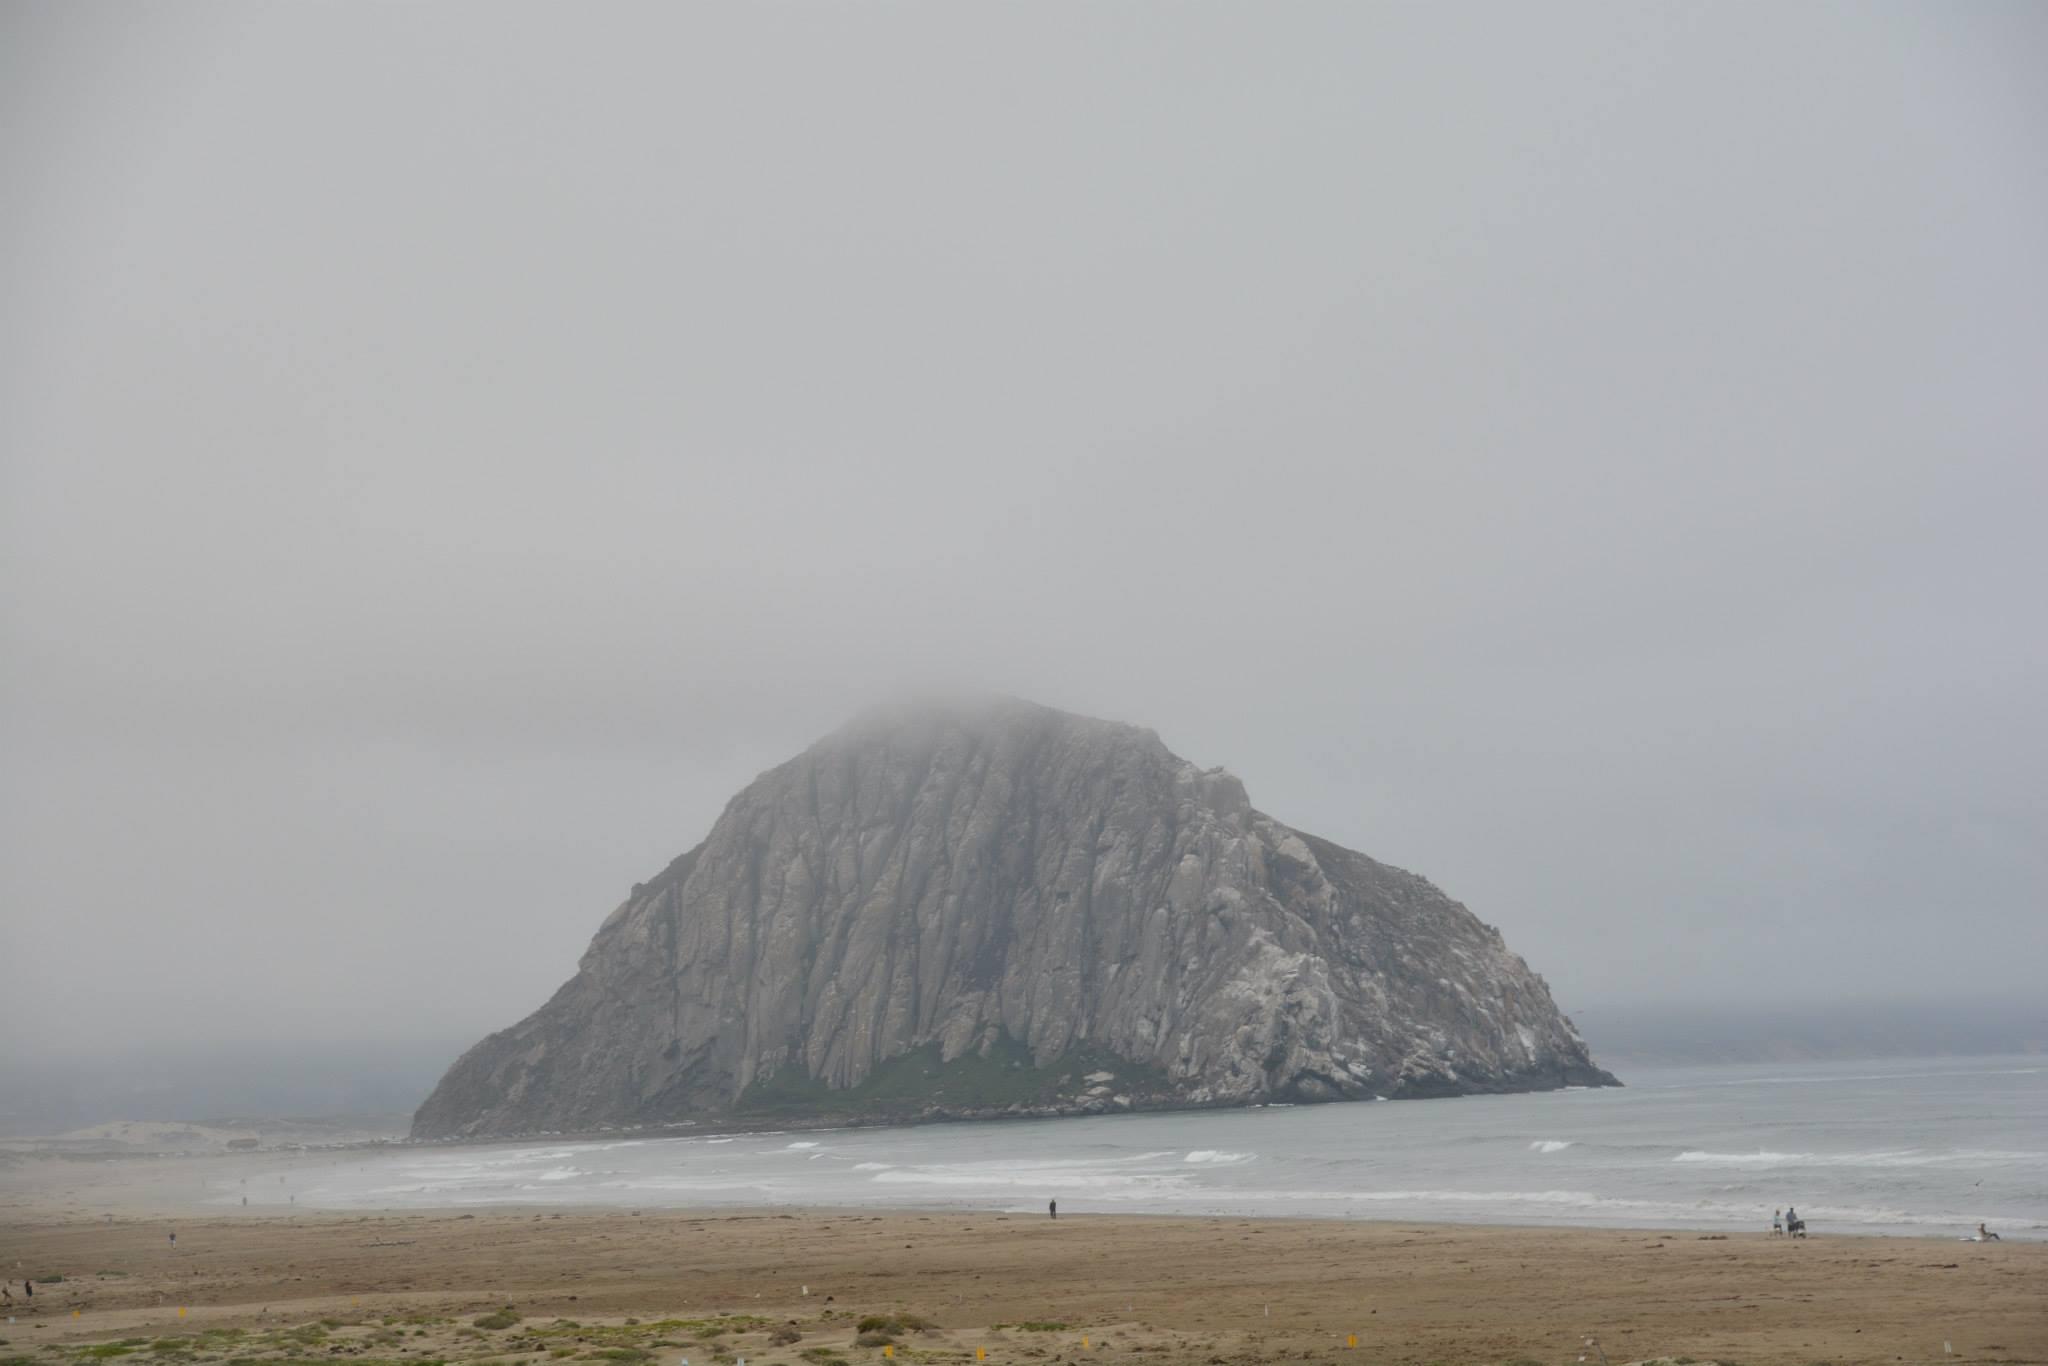 הצוק שלסלע מורו